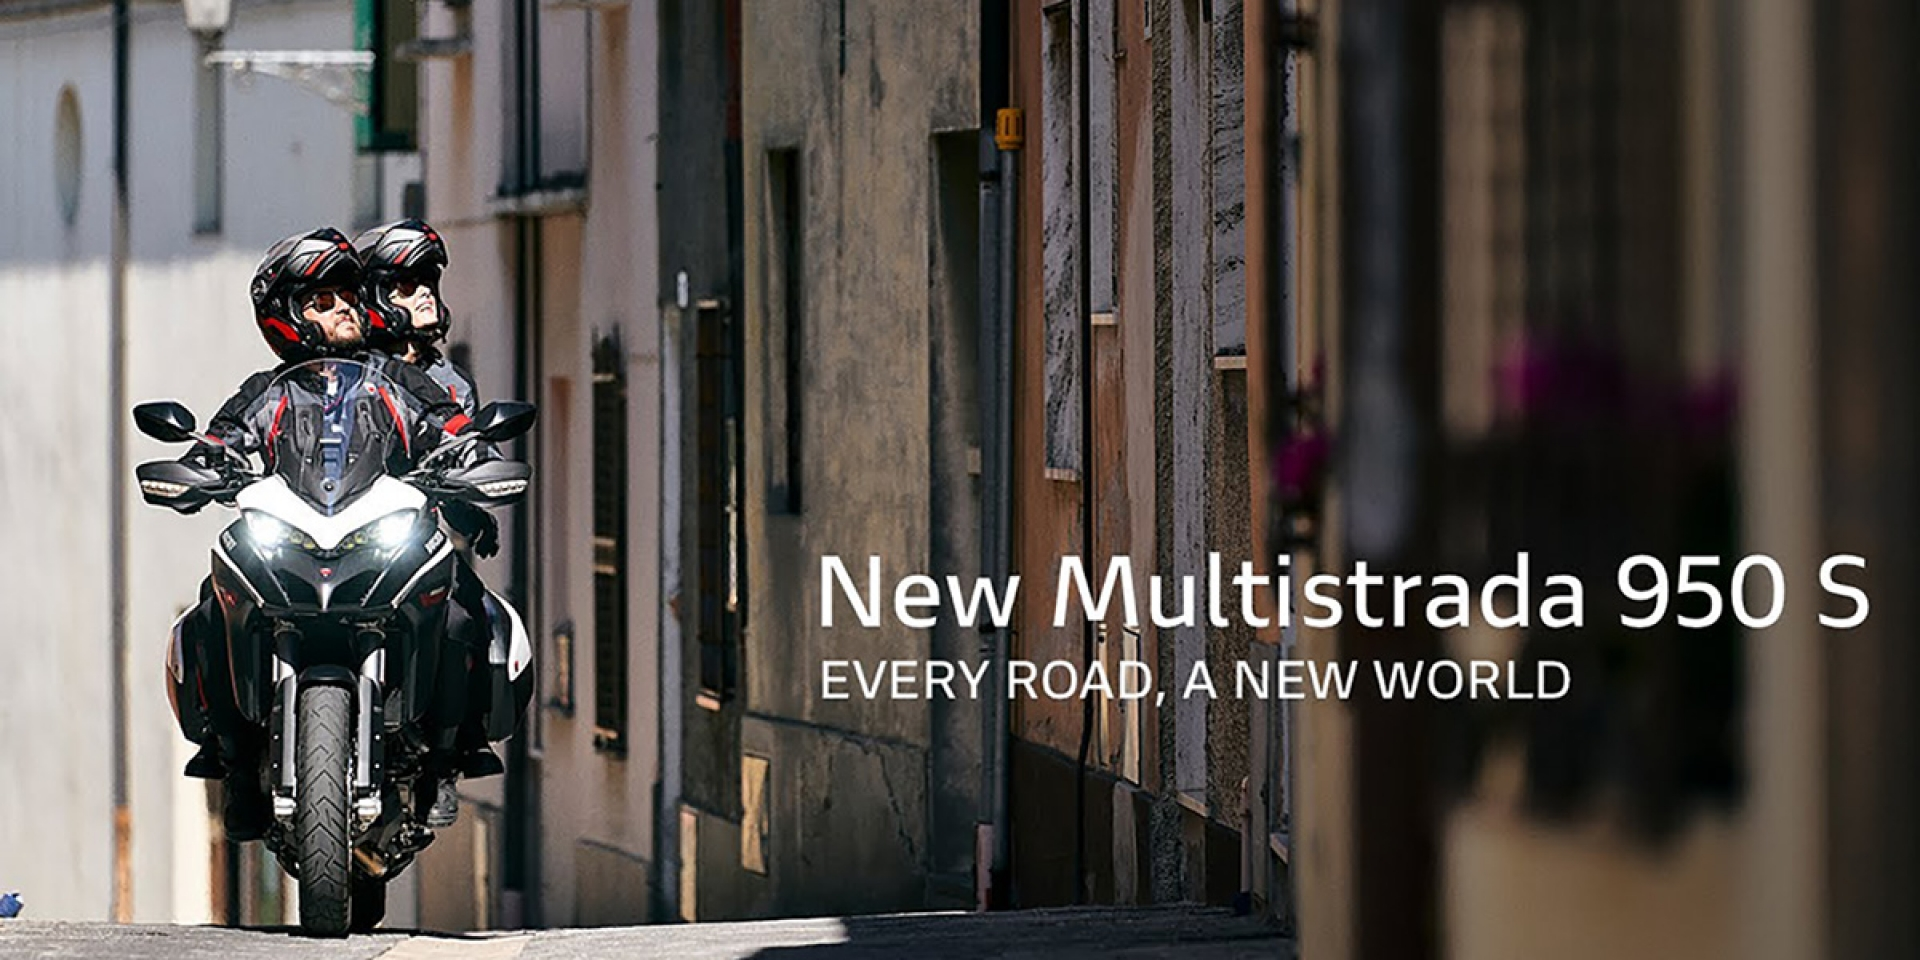 我身騎白馬走三關!Ducati 2021 Multistrada 950 S全新配色亮相!